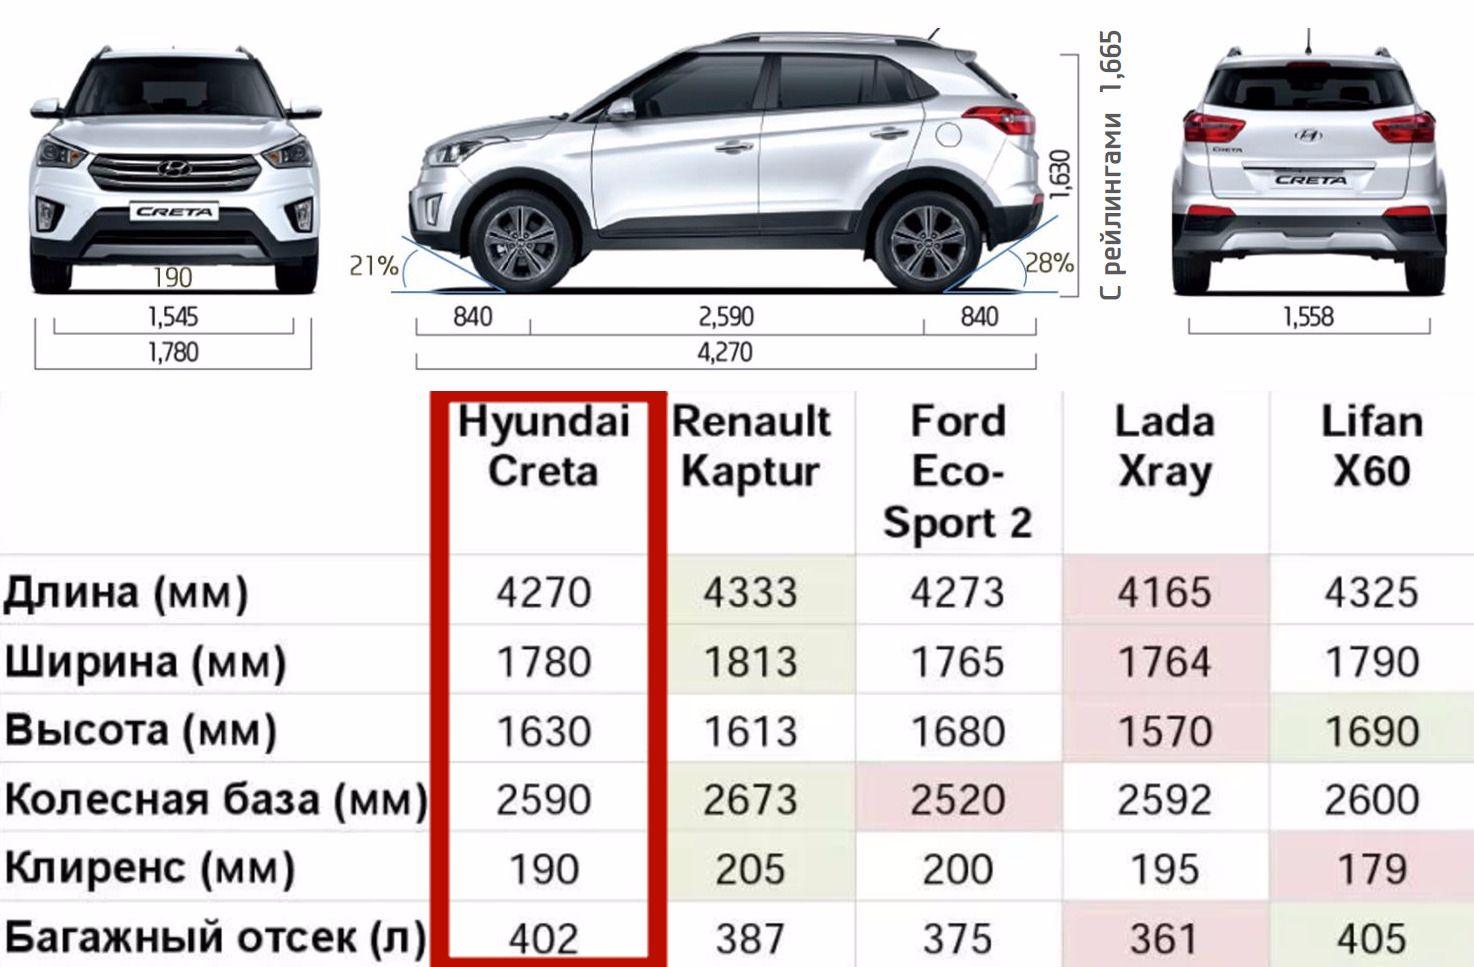 Таблица размеров автомобилей